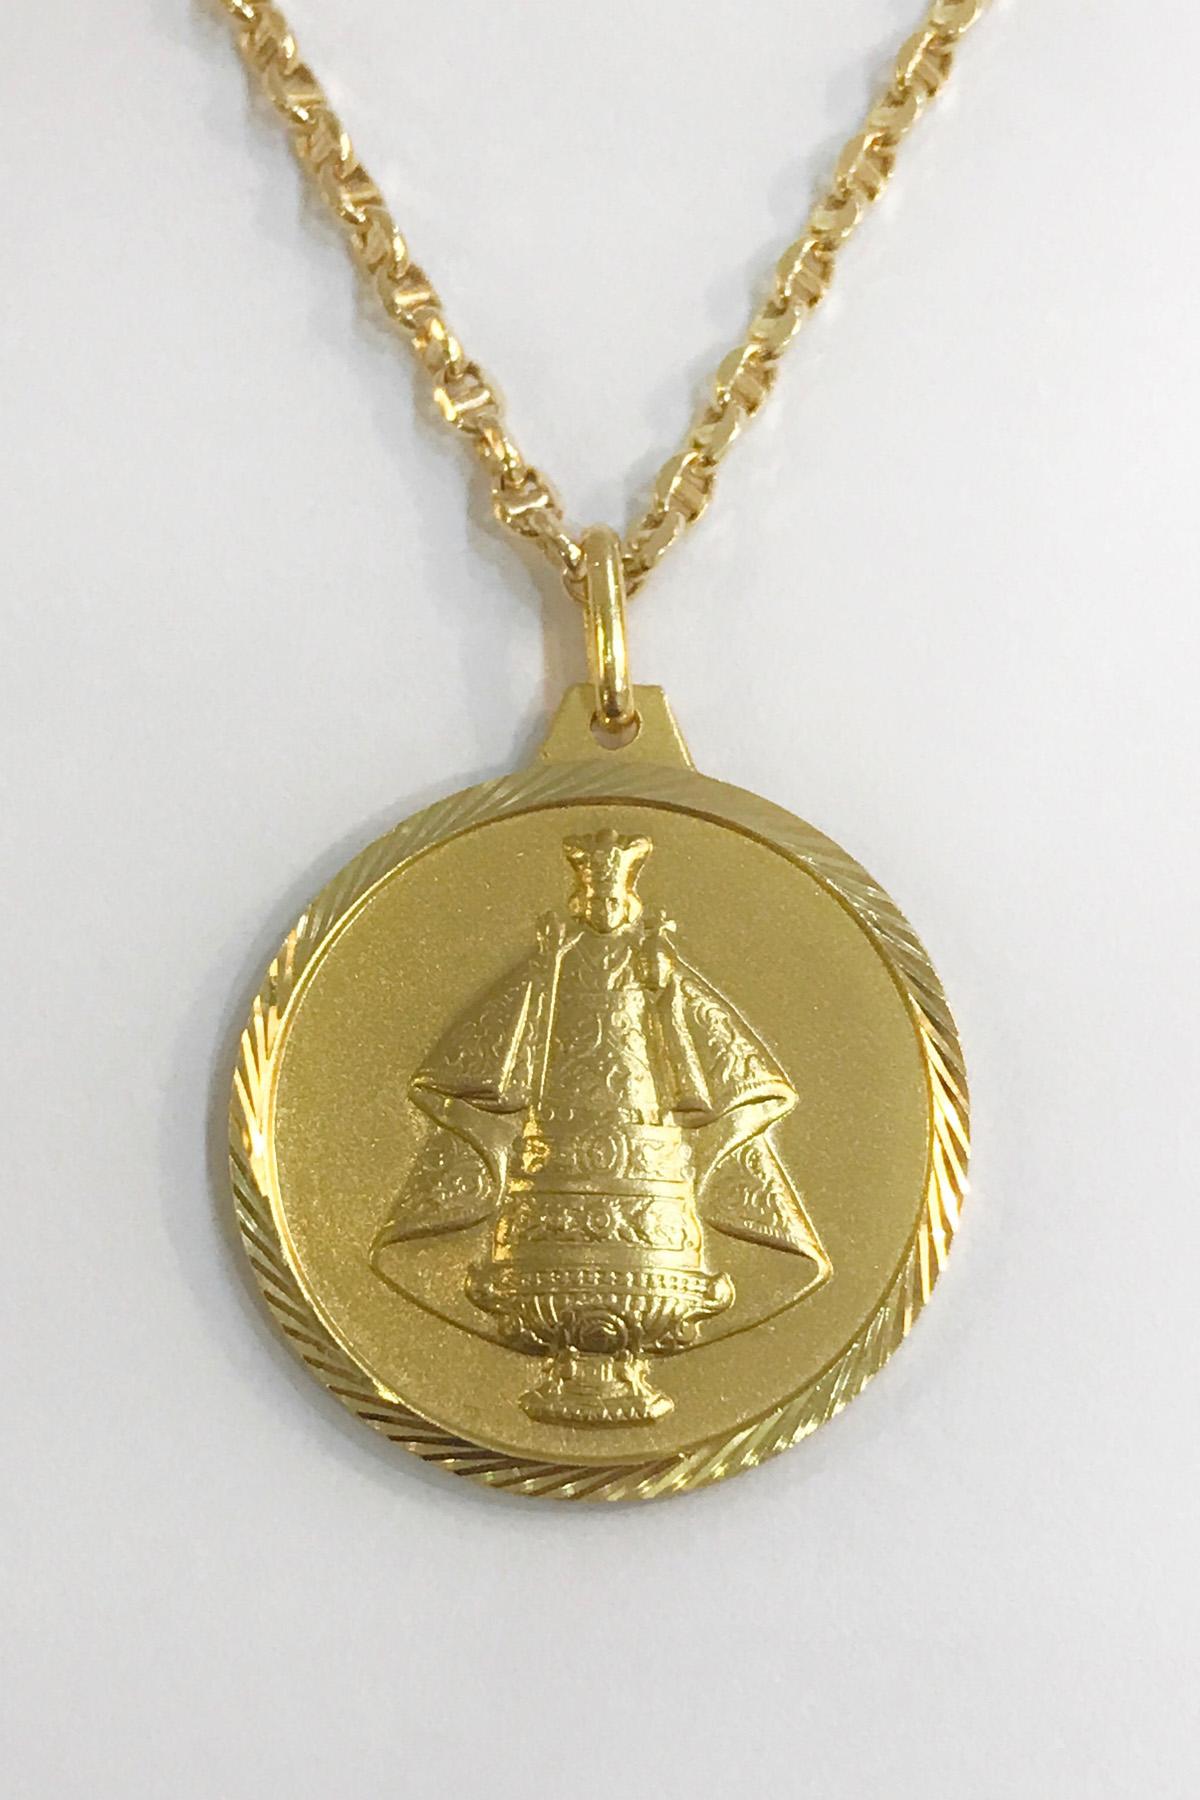 sto nino - religious medal gold pendant